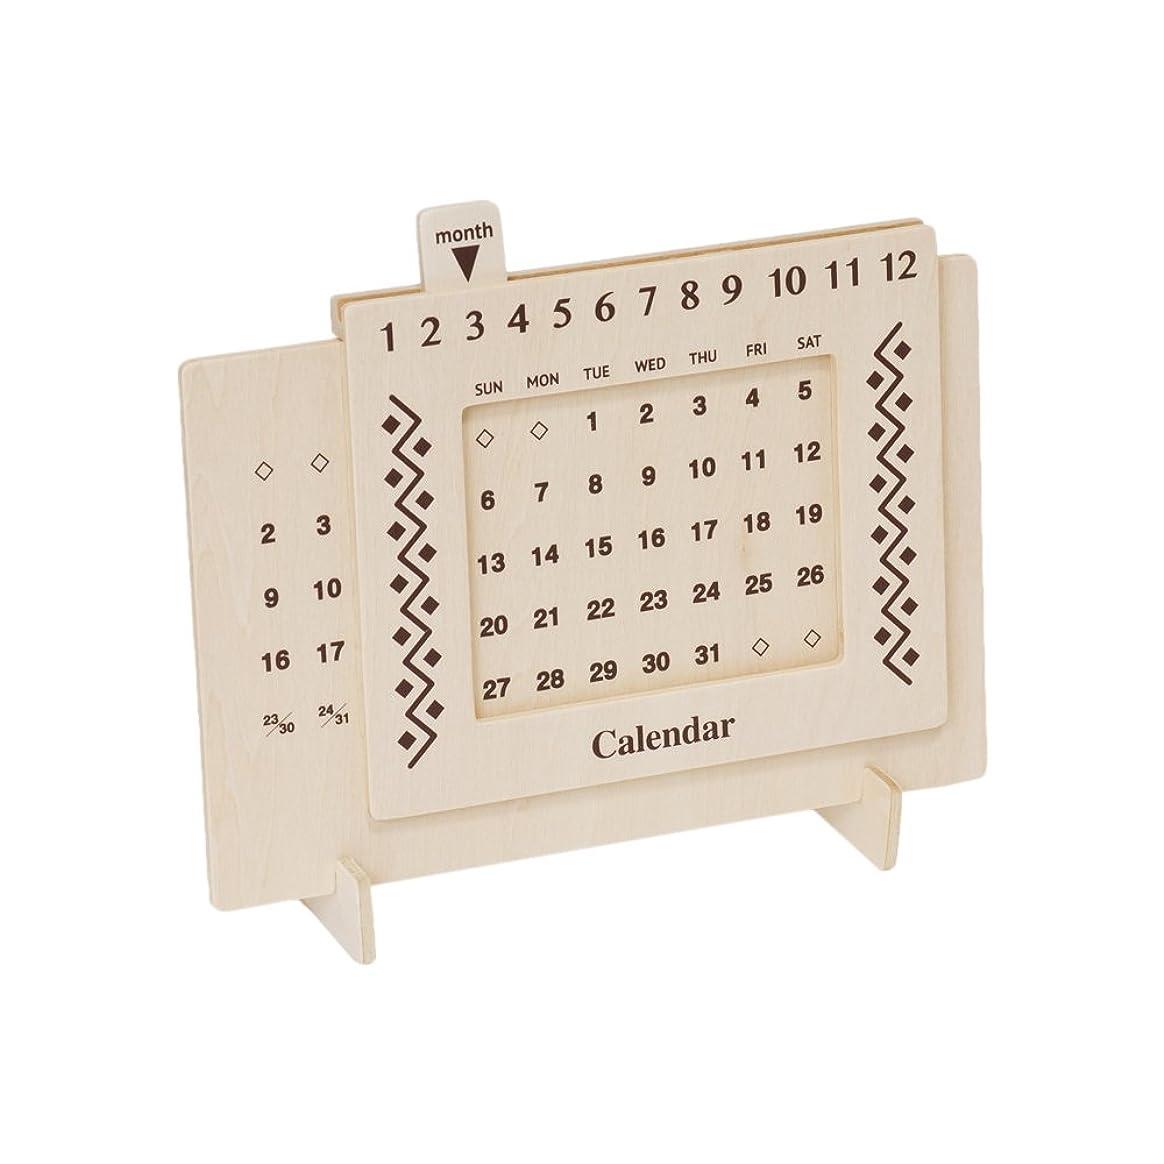 生き残ります忠実にジャンプ【Amazon.co.jp限定】ミコー産業 木製万年カレンダー 幾何学模様 ミコー51001